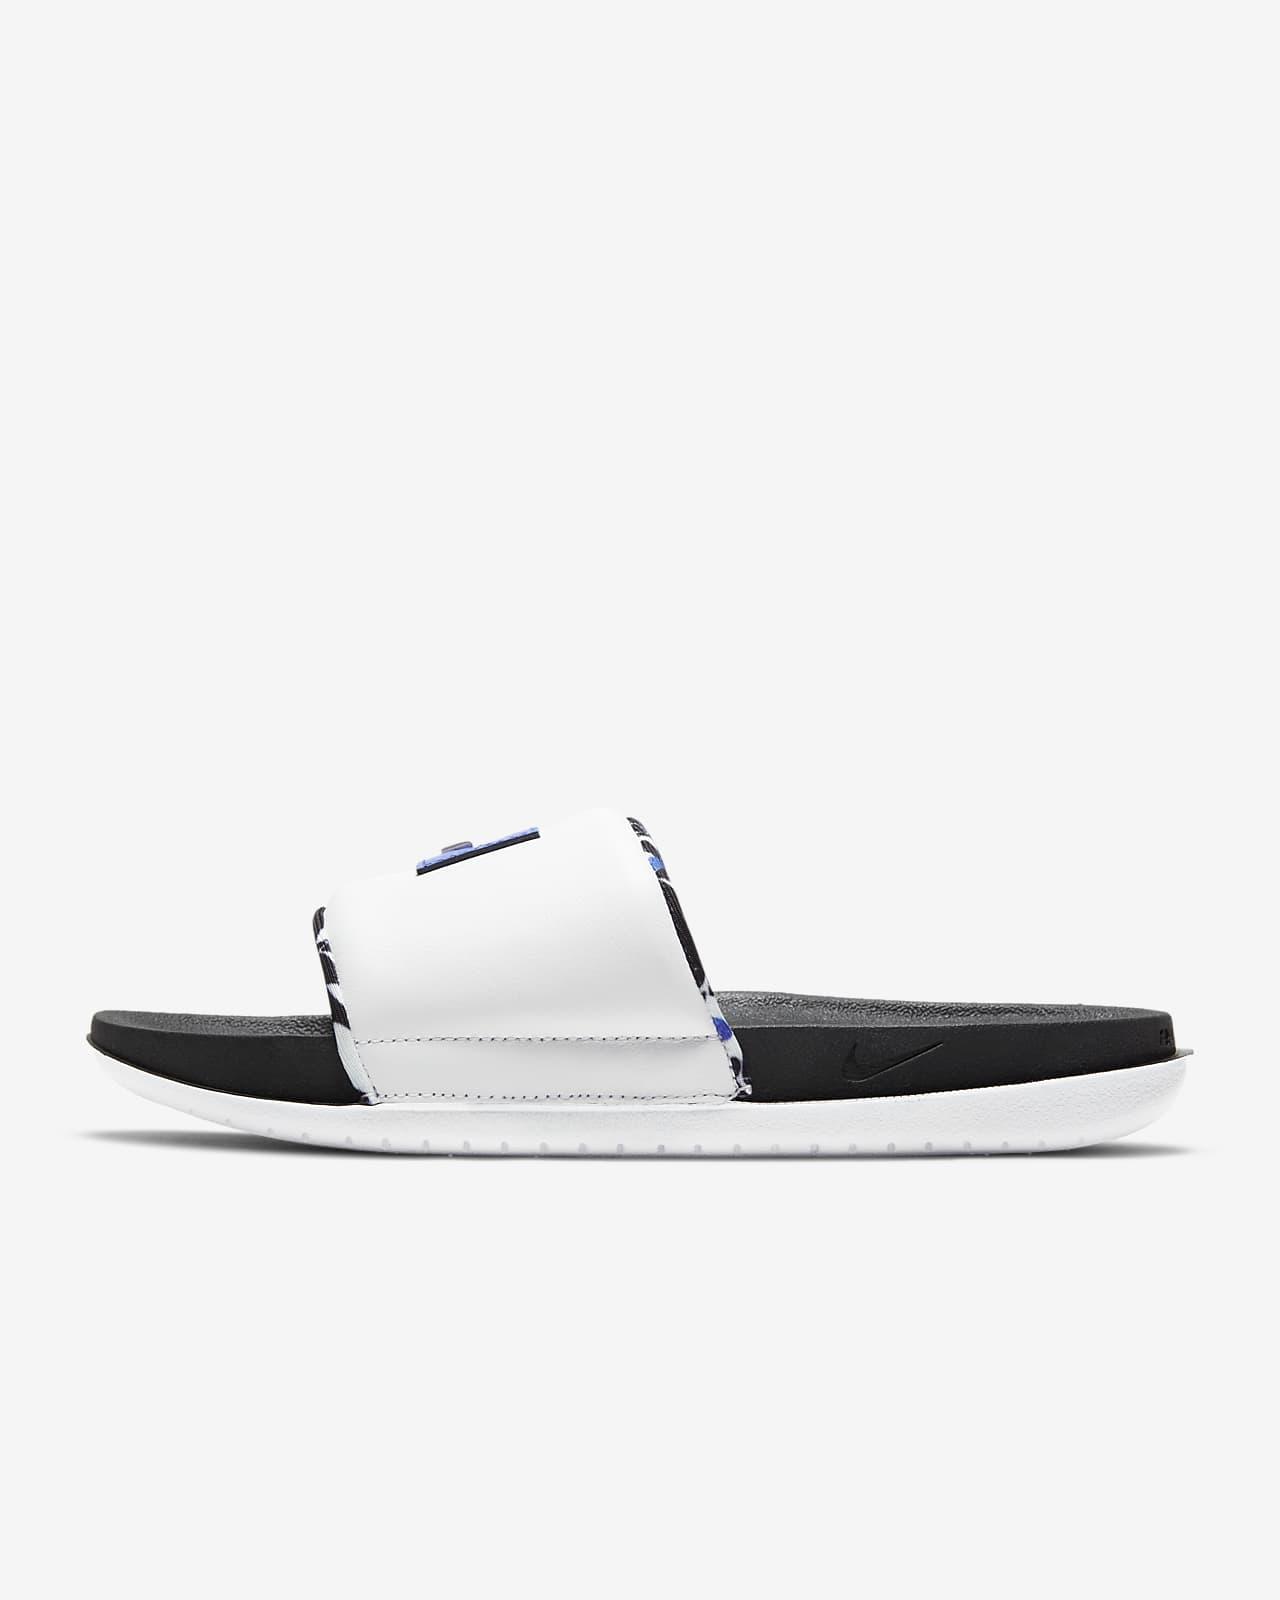 รองเท้าแตะผู้หญิงแบบสวม Nike OffCourt Slide SE